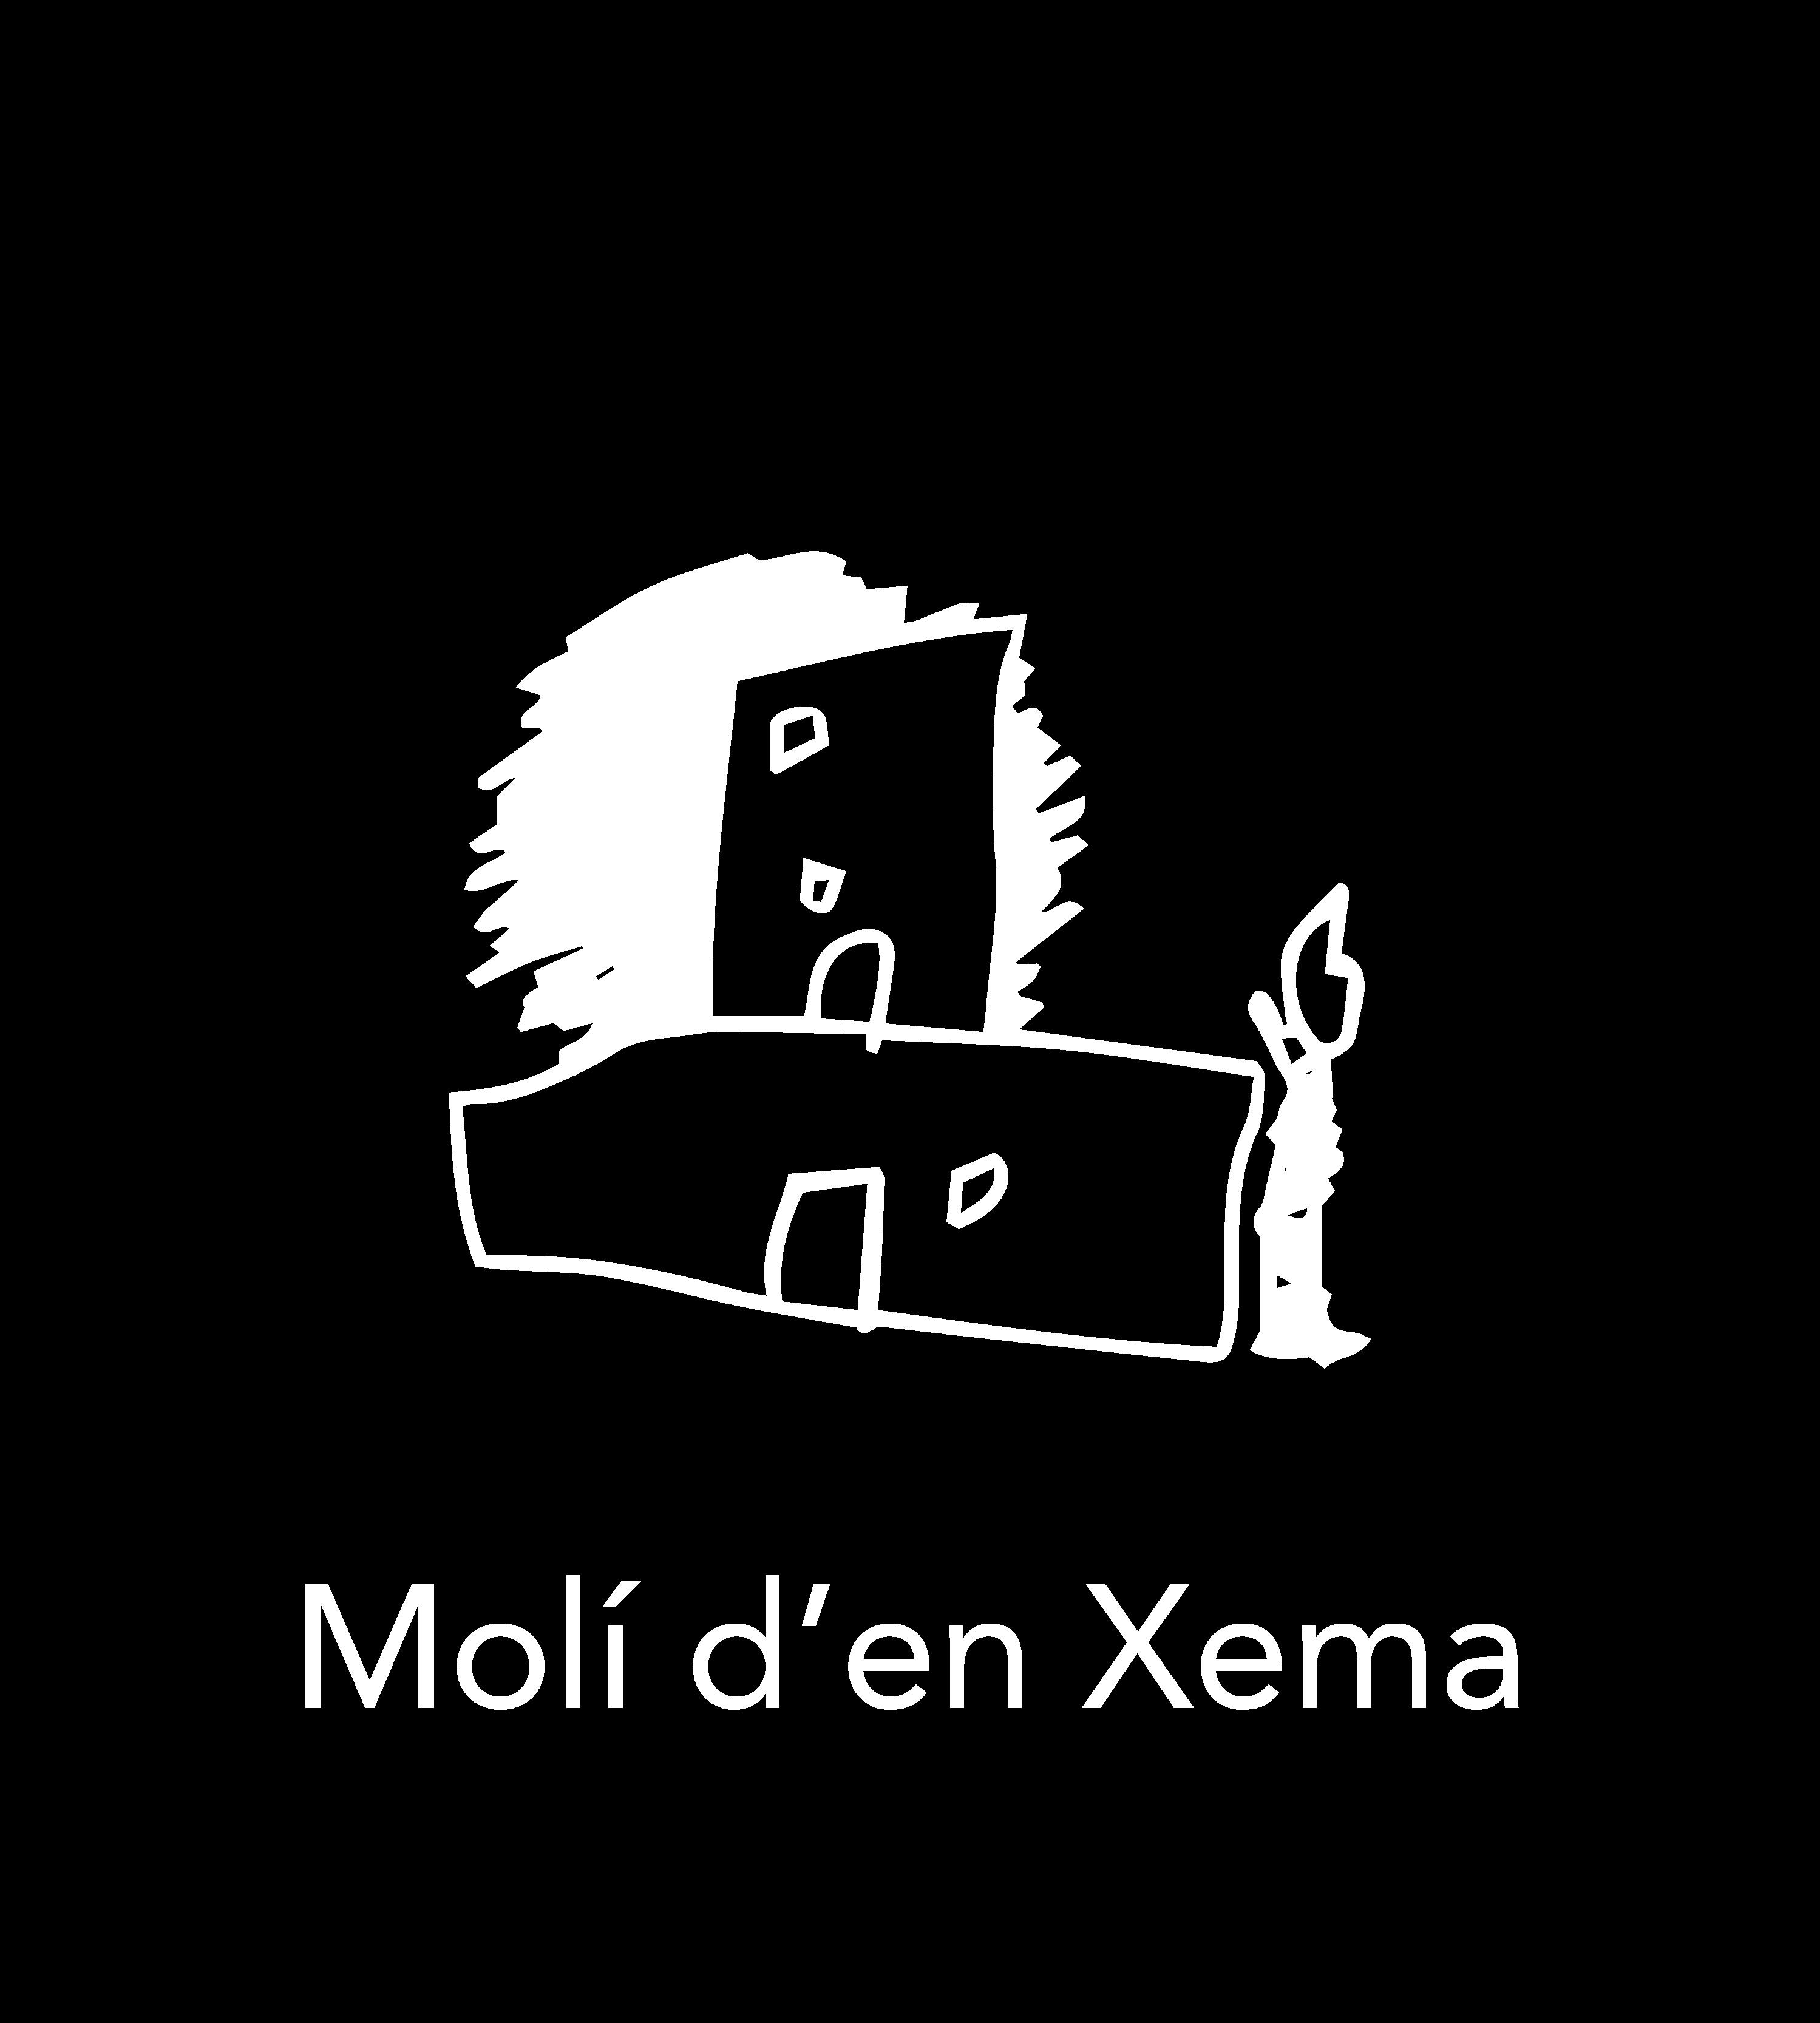 Logo Es Molí d'en Xema